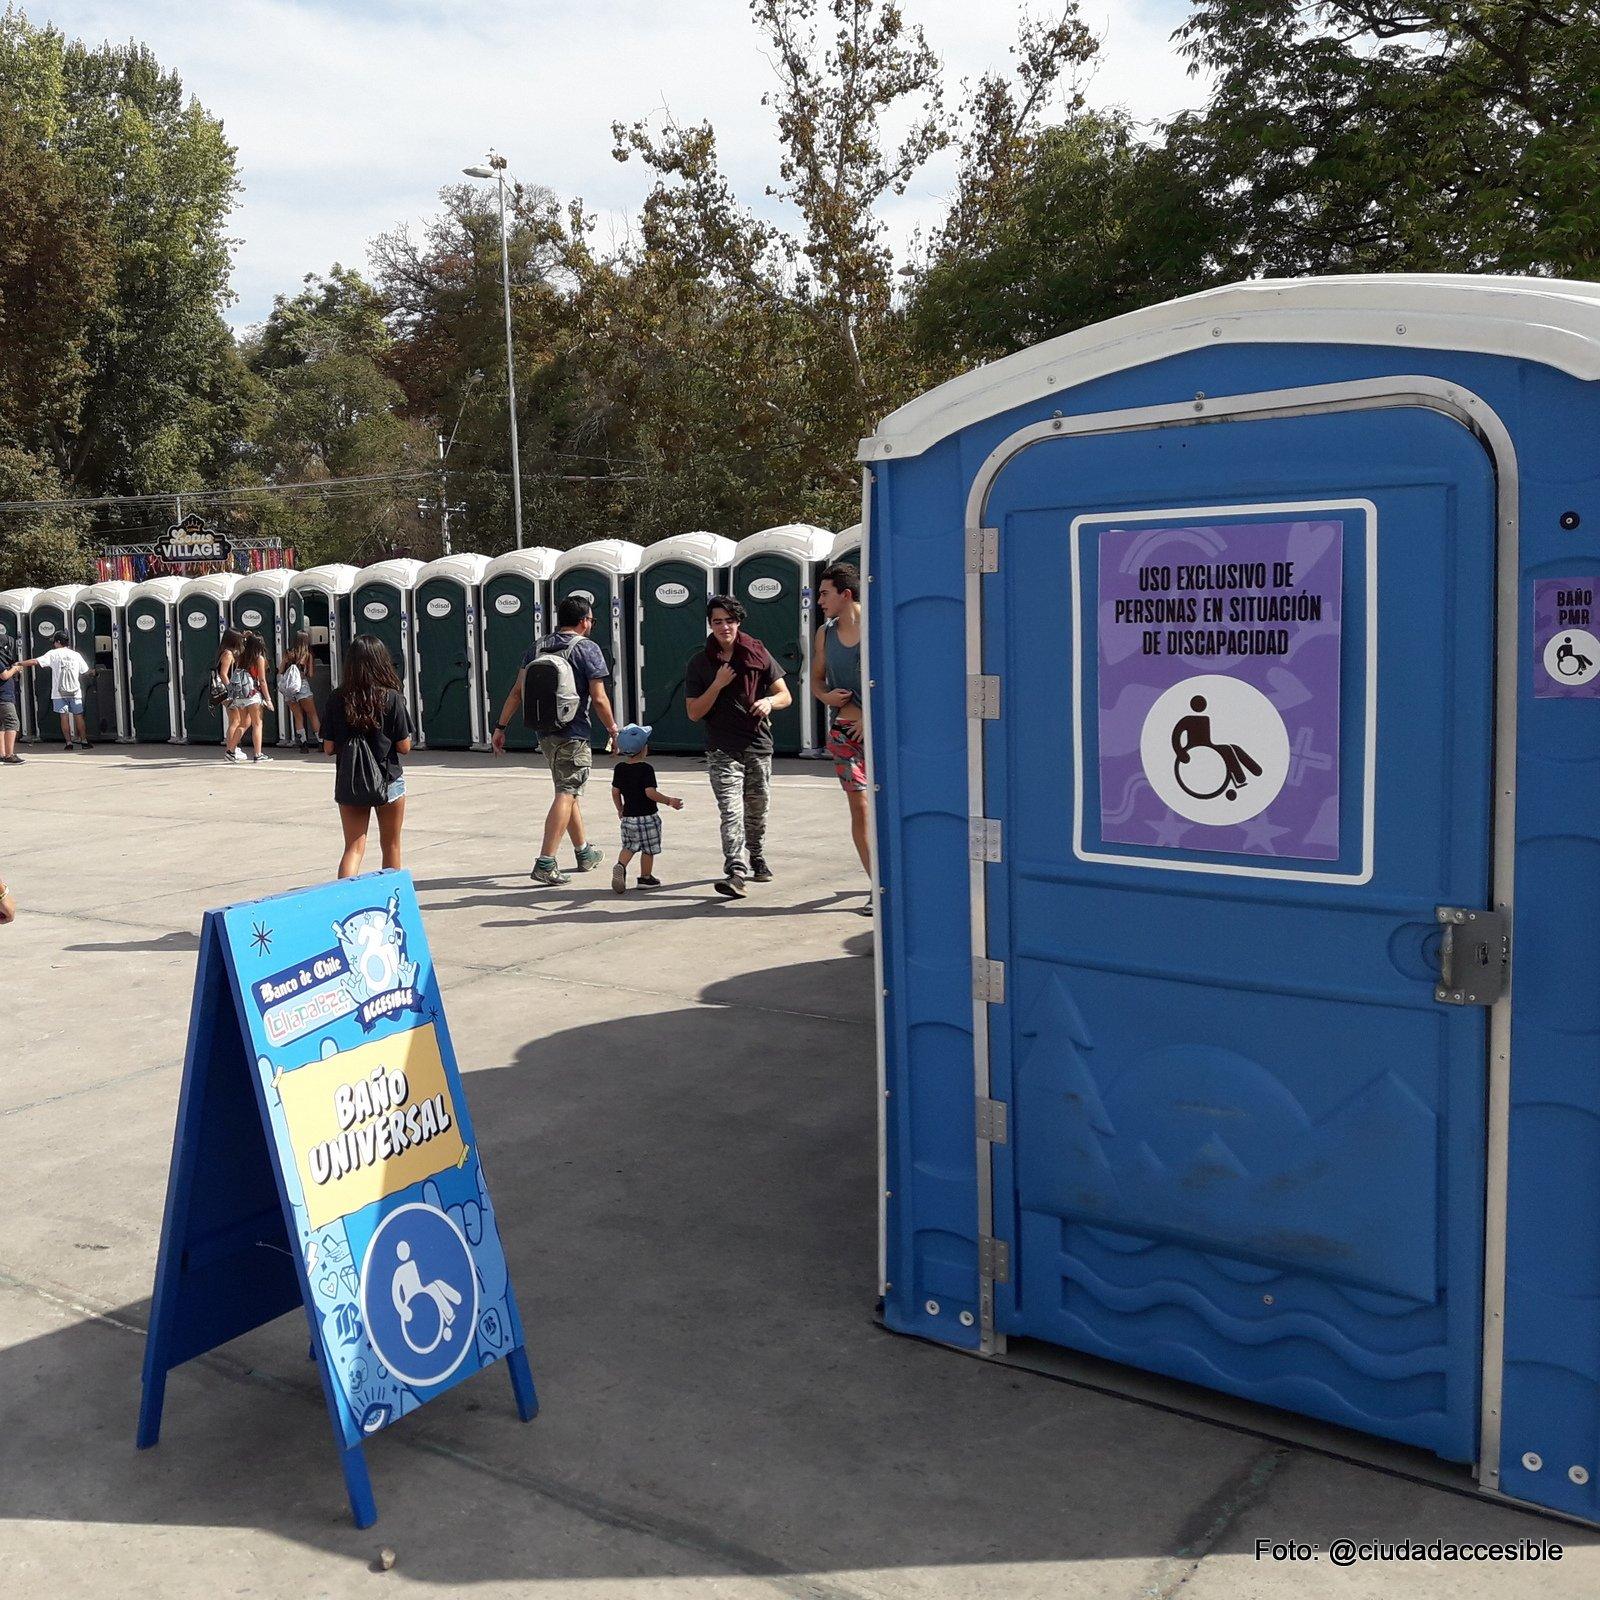 baño accesible ubicado junto a los ptros baños portátiles en lollapalooza